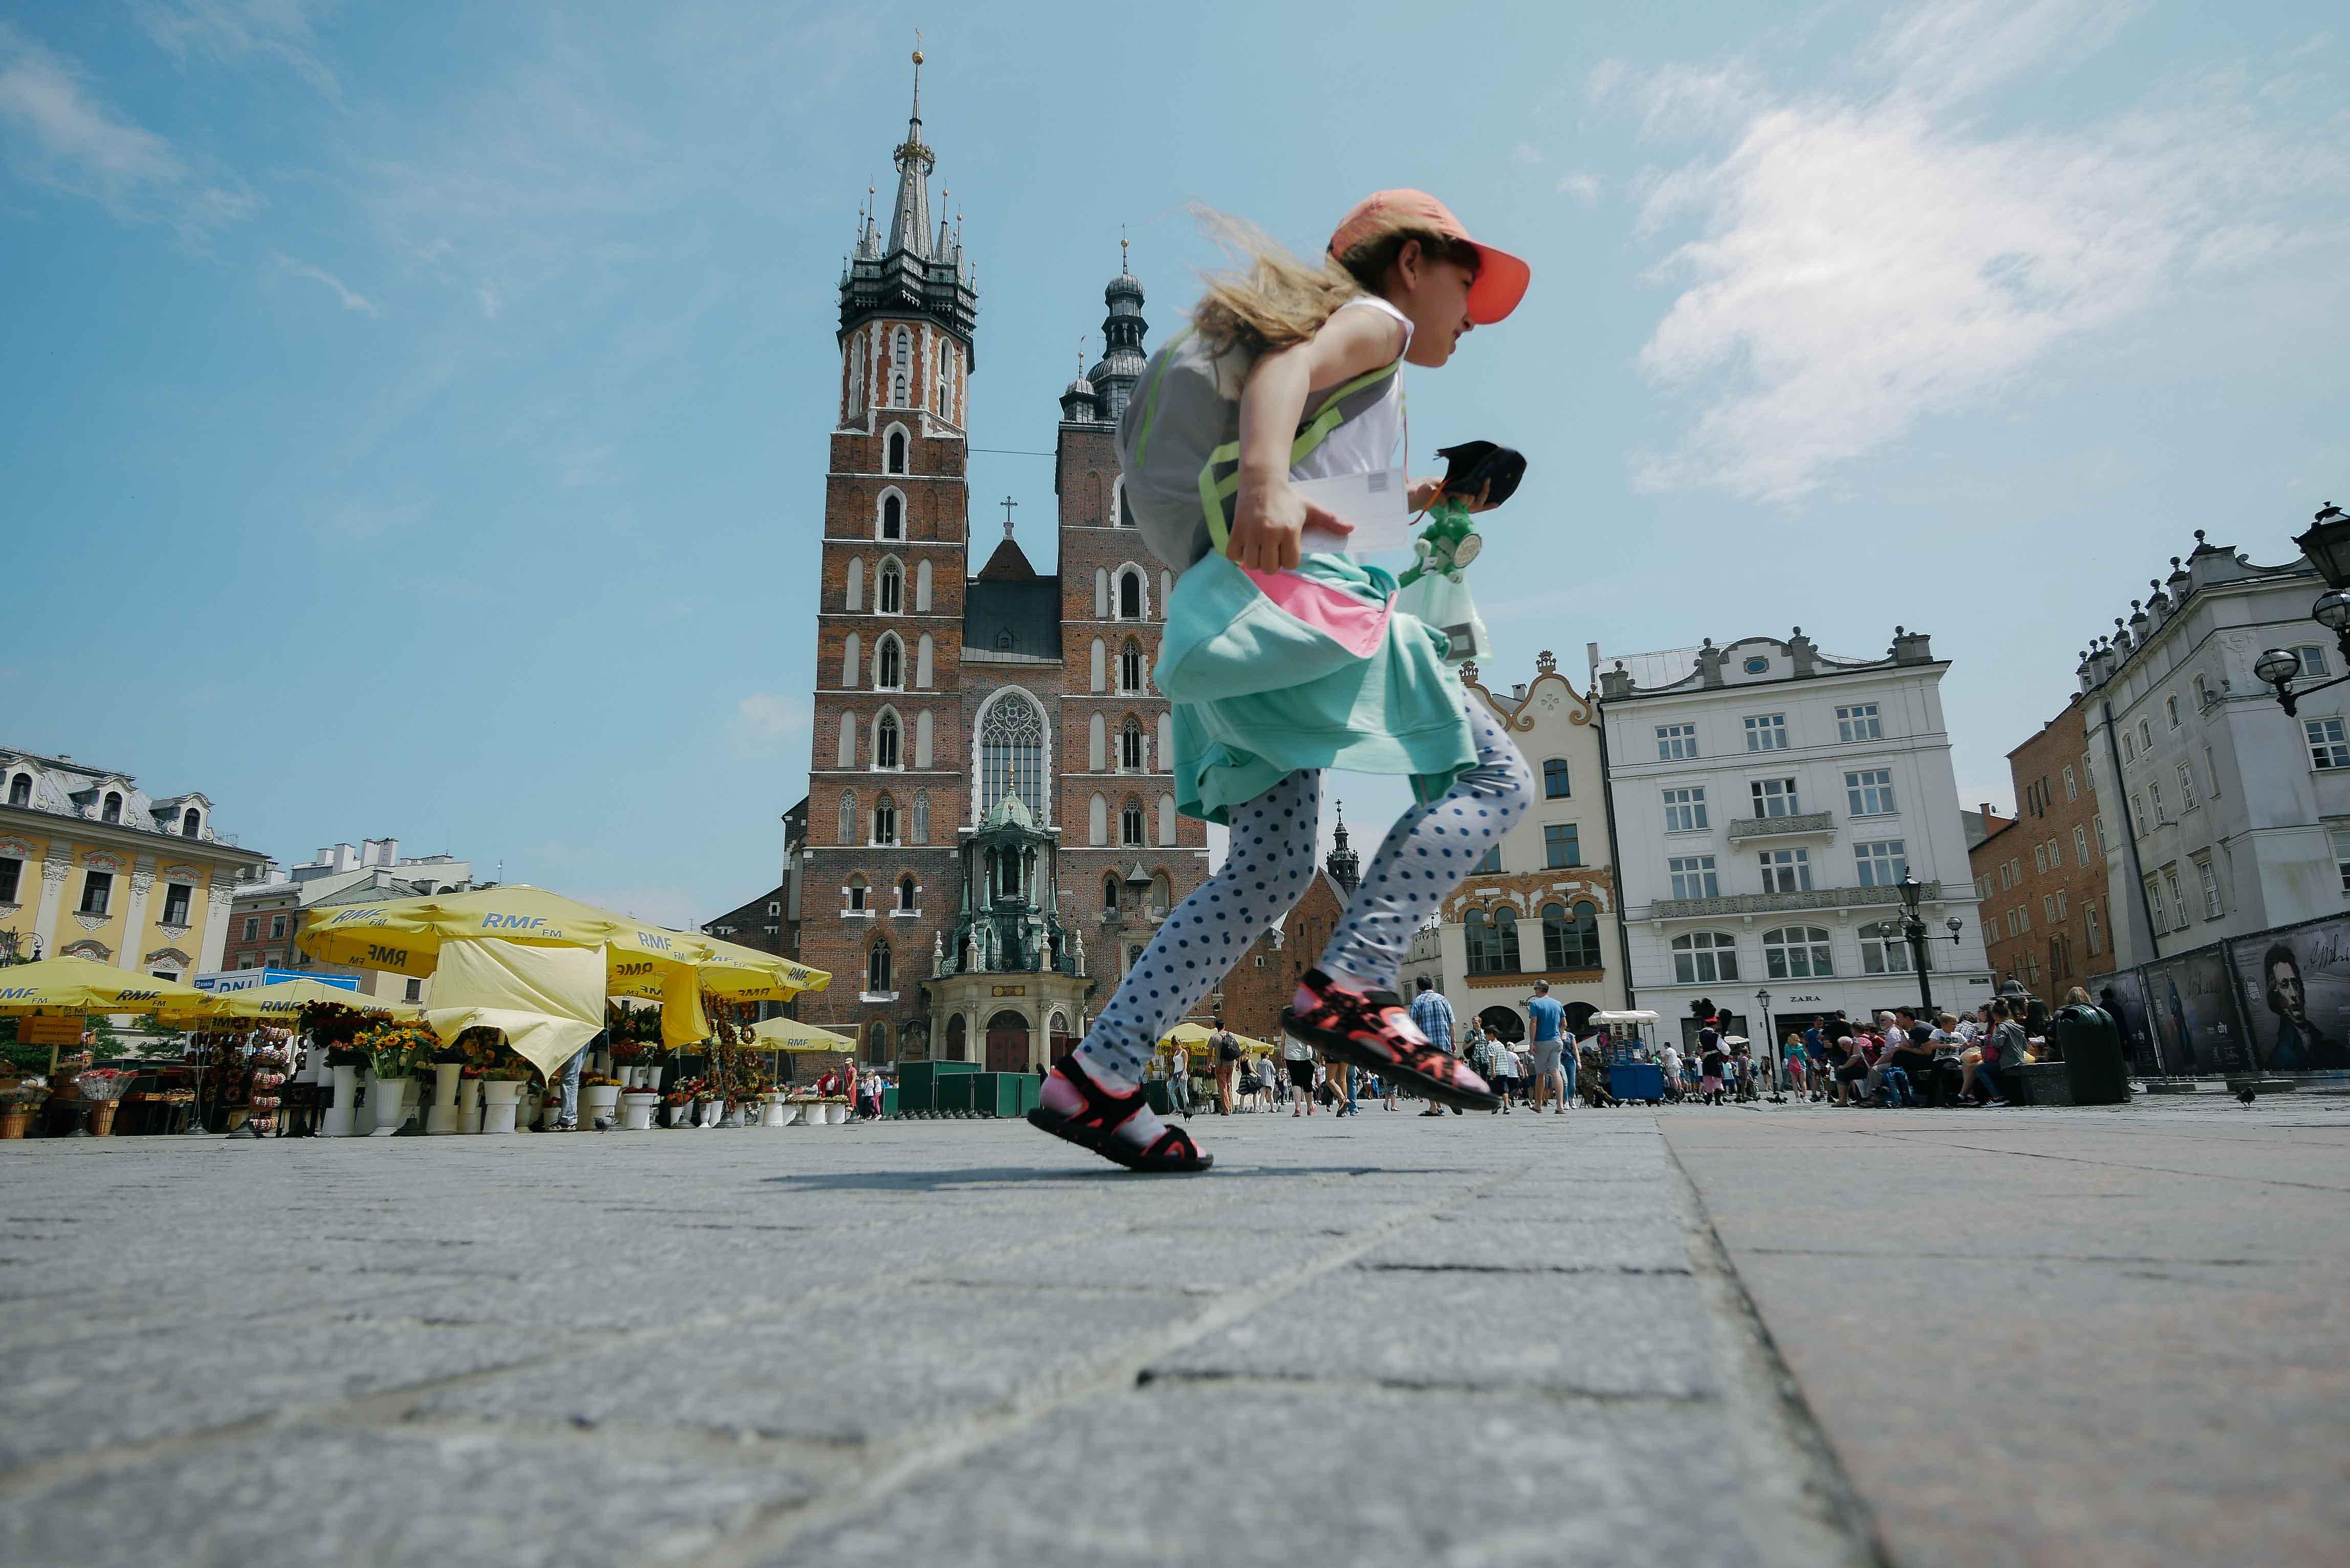 Summer Time in POLAND l 9 วันกับโปแลนด์ในฤดูร้อนที่มีชีวิต!